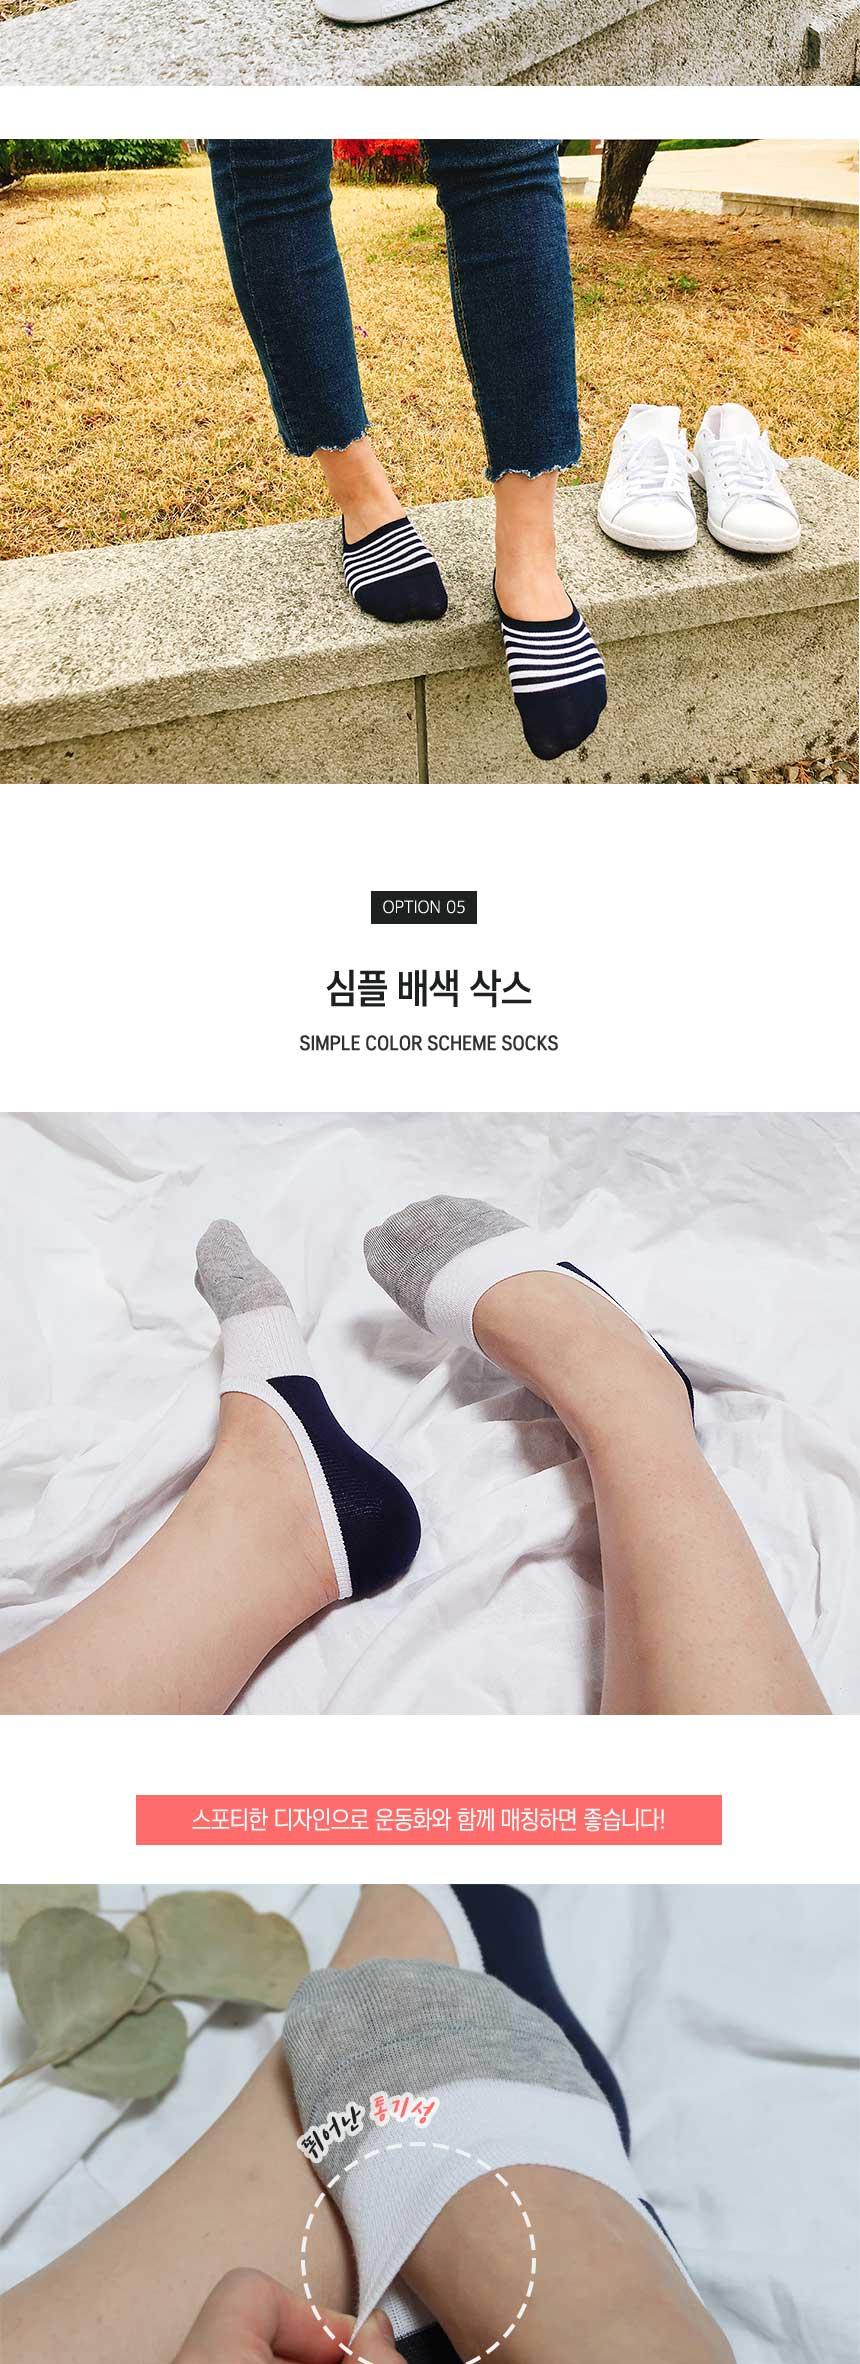 여성 여름 페이크삭스 발목양말 - 백도씨테일러, 1,800원, 여성양말, 패션양말